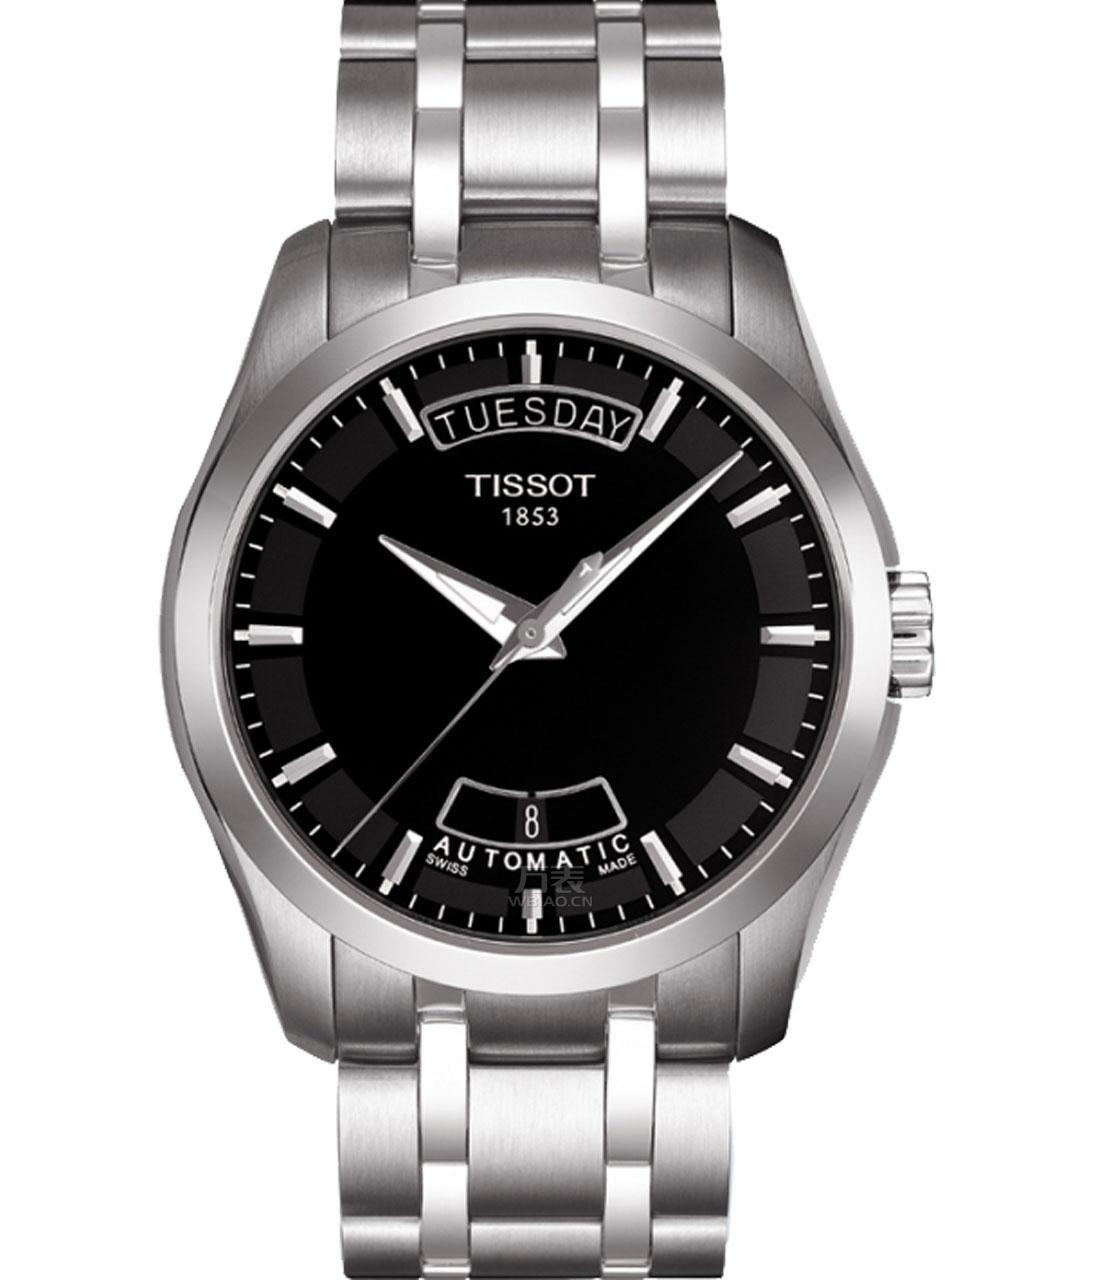 天梭-库图系列 T035.407.11.051.00 夜光手表图